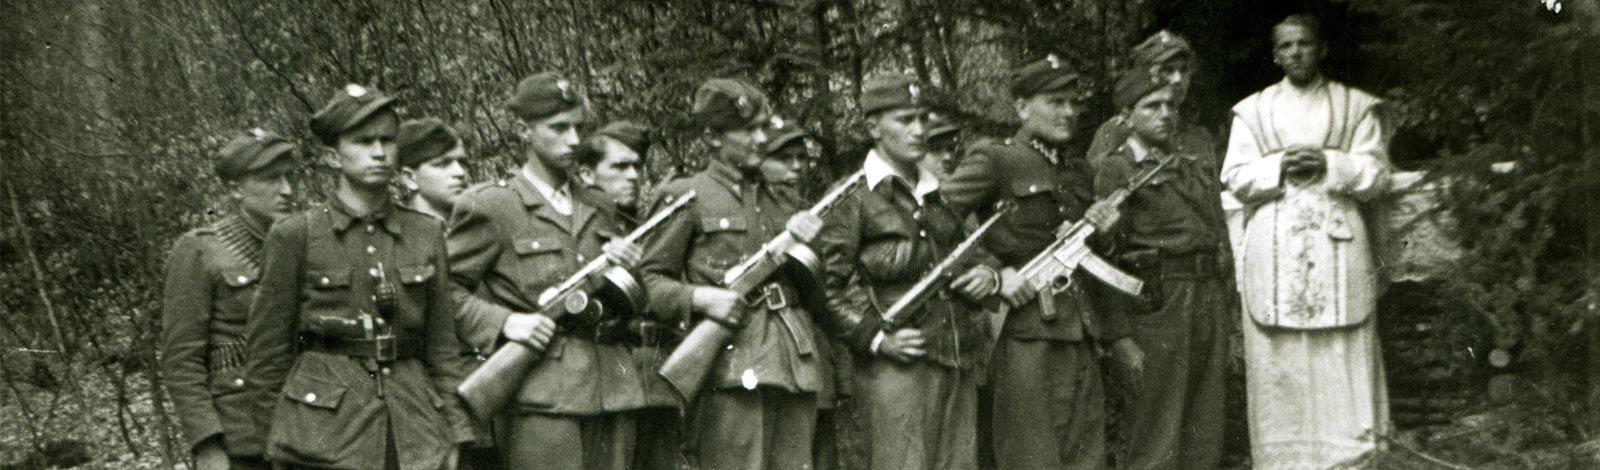 Żołnierze Wyklęci, Lista Wyklętych